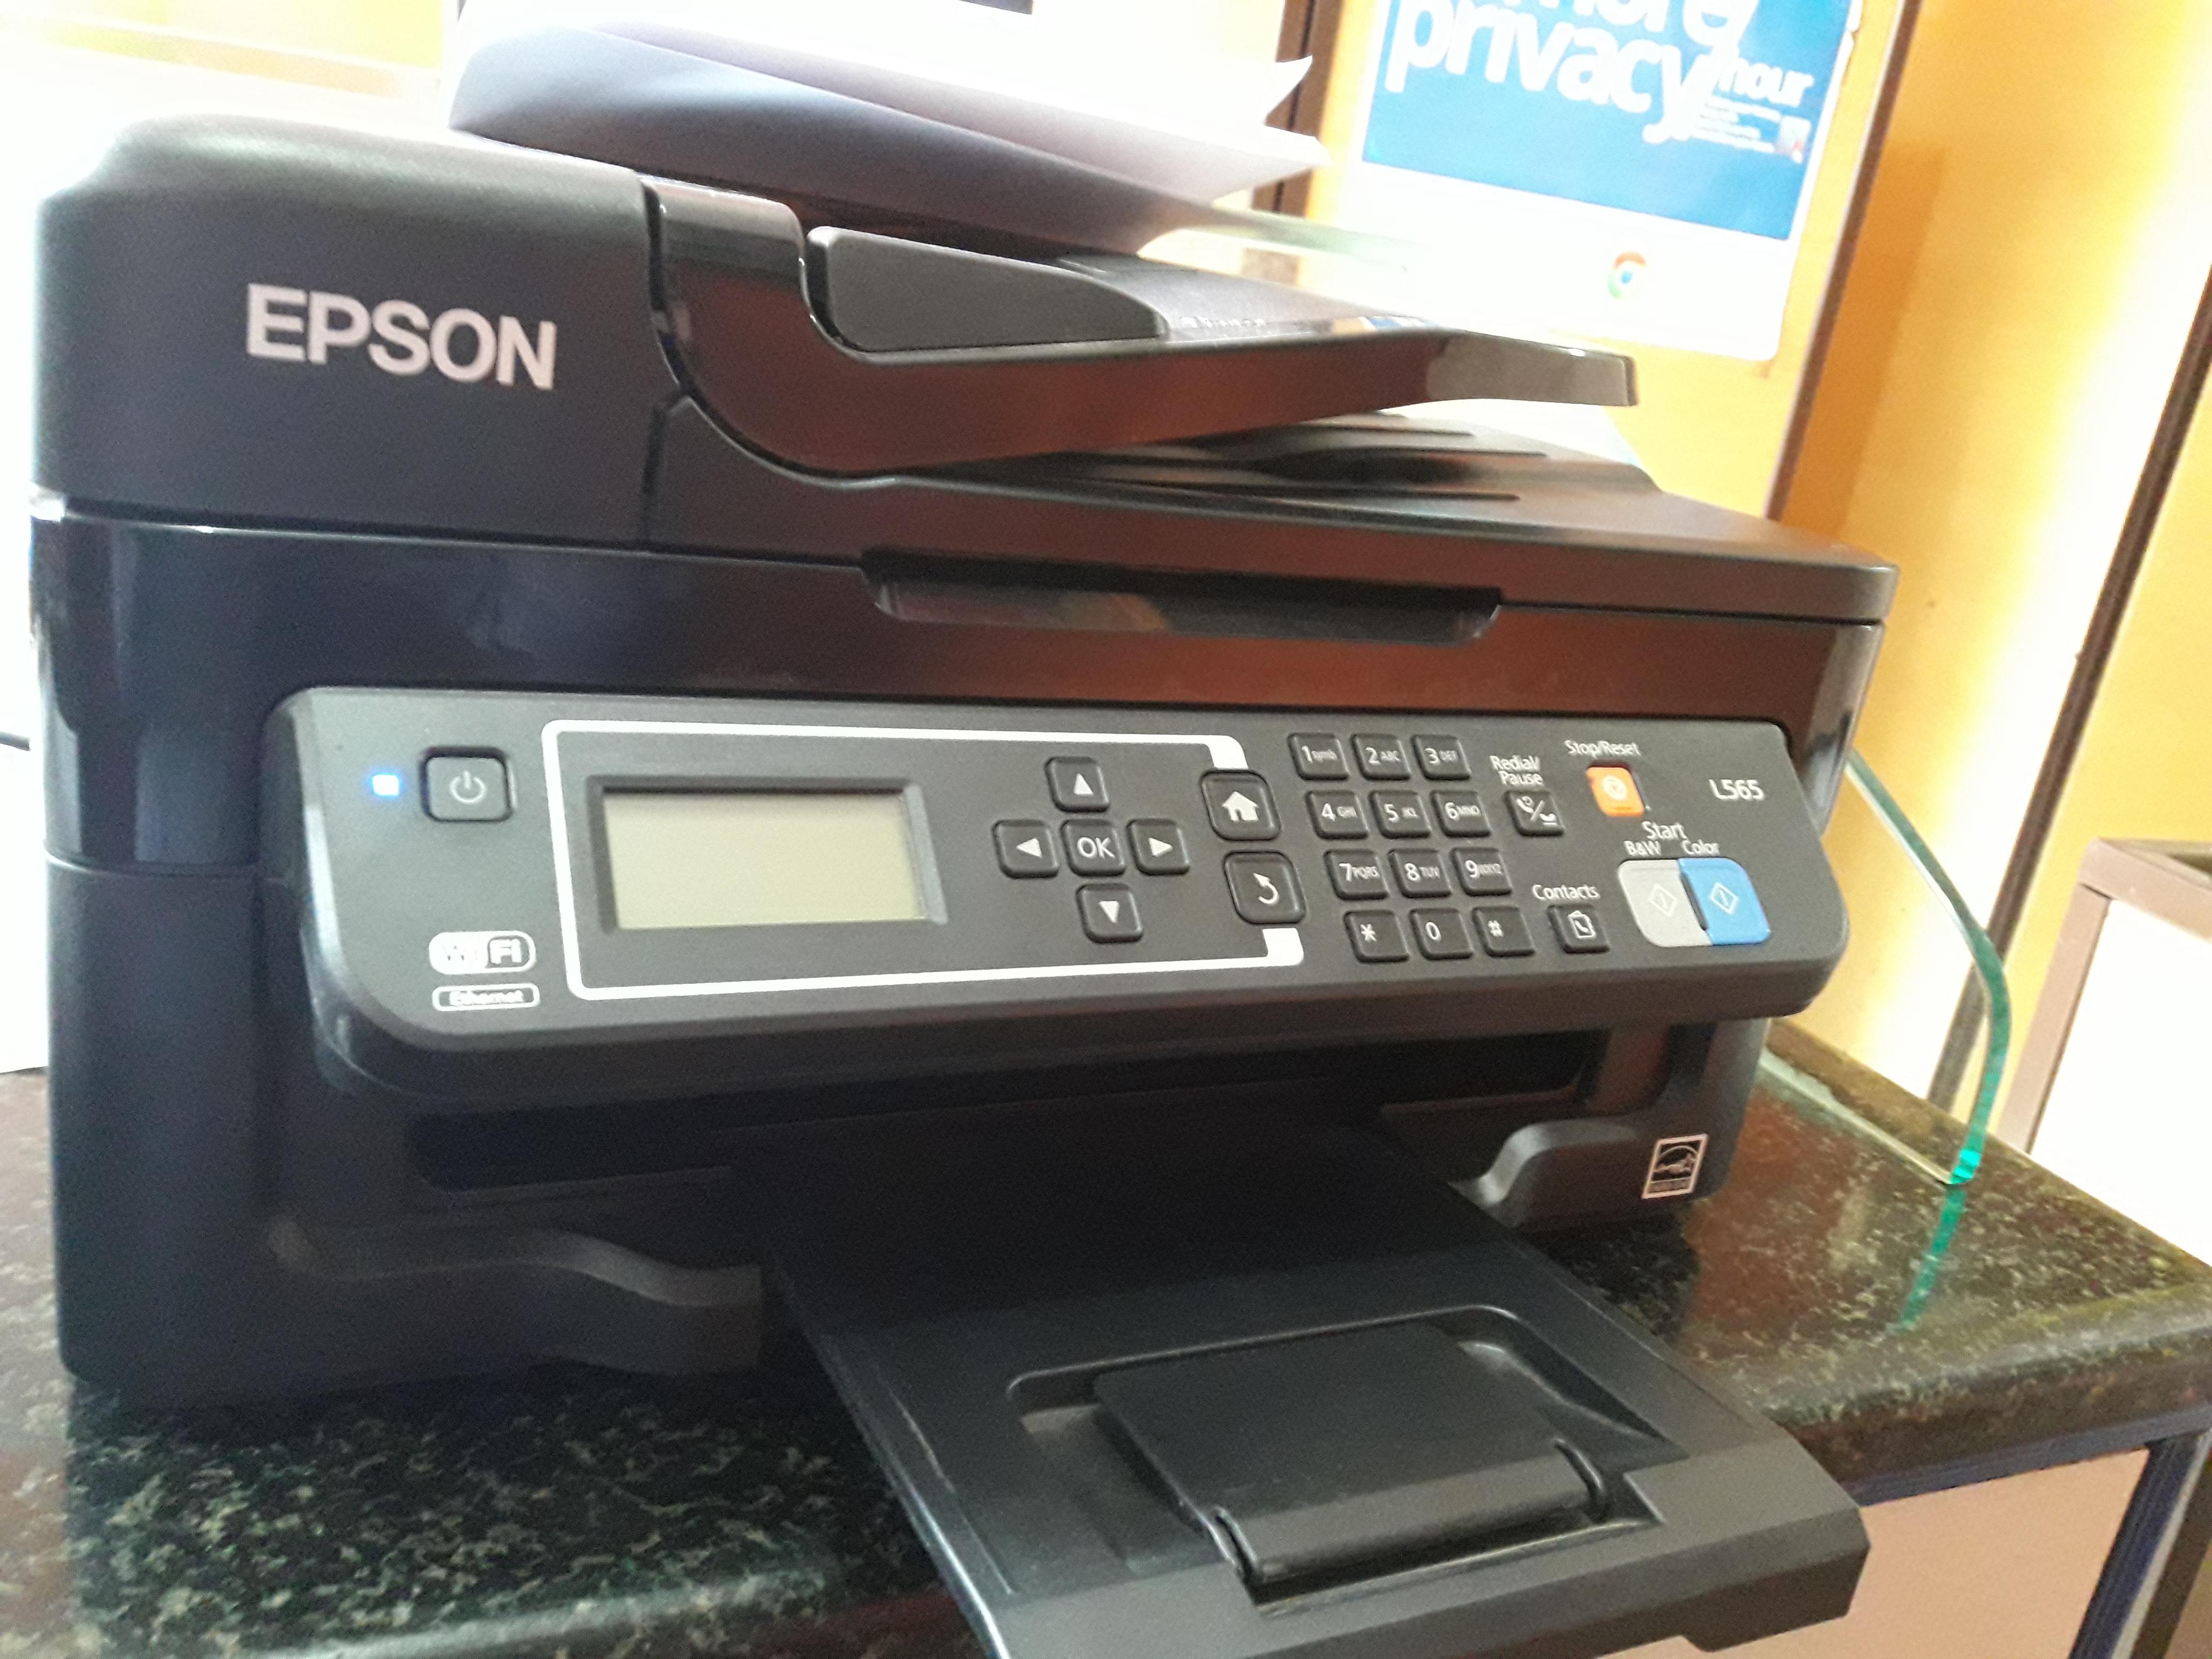 Worst printer in market EPSON L565 - EPSON L565